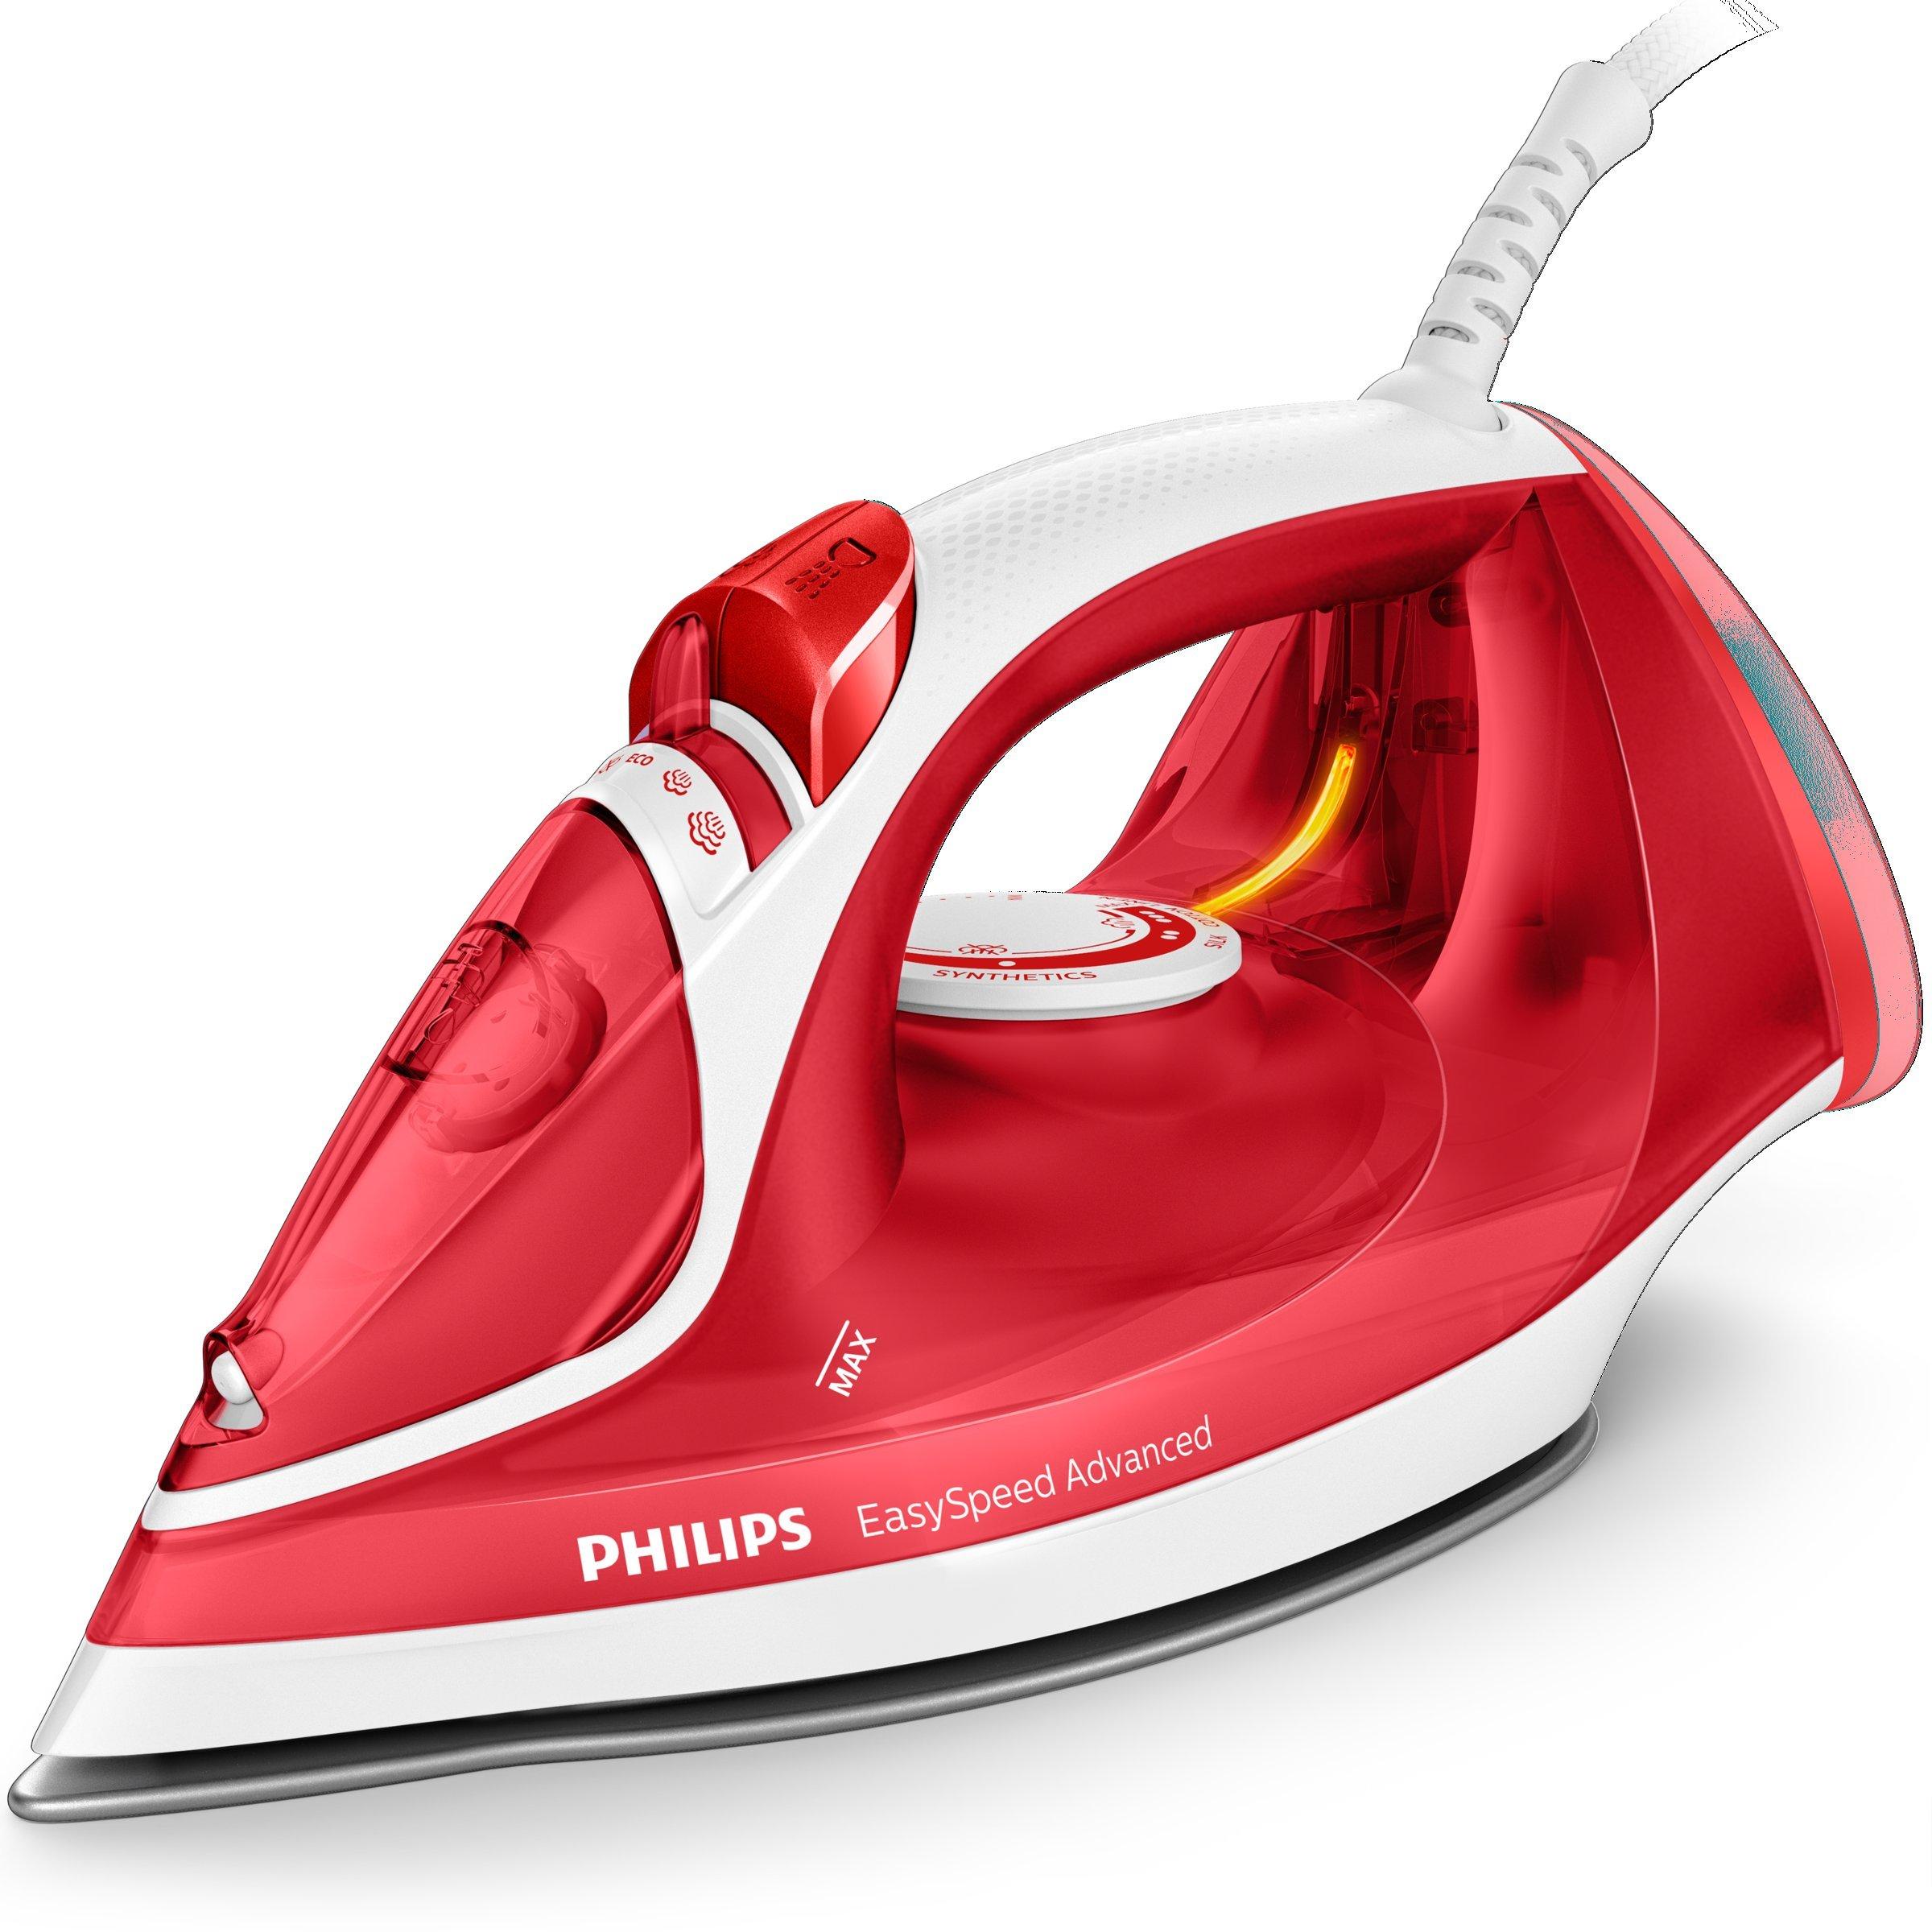 Philips EasySpeed Adv GC2672/40 - Plancha Ropa Vapor, 2300 W, Golpe Vapor 180 g, Vapor Continuo 35 g, Suela Ceramica, Antical Integrado: Amazon.es: Hogar